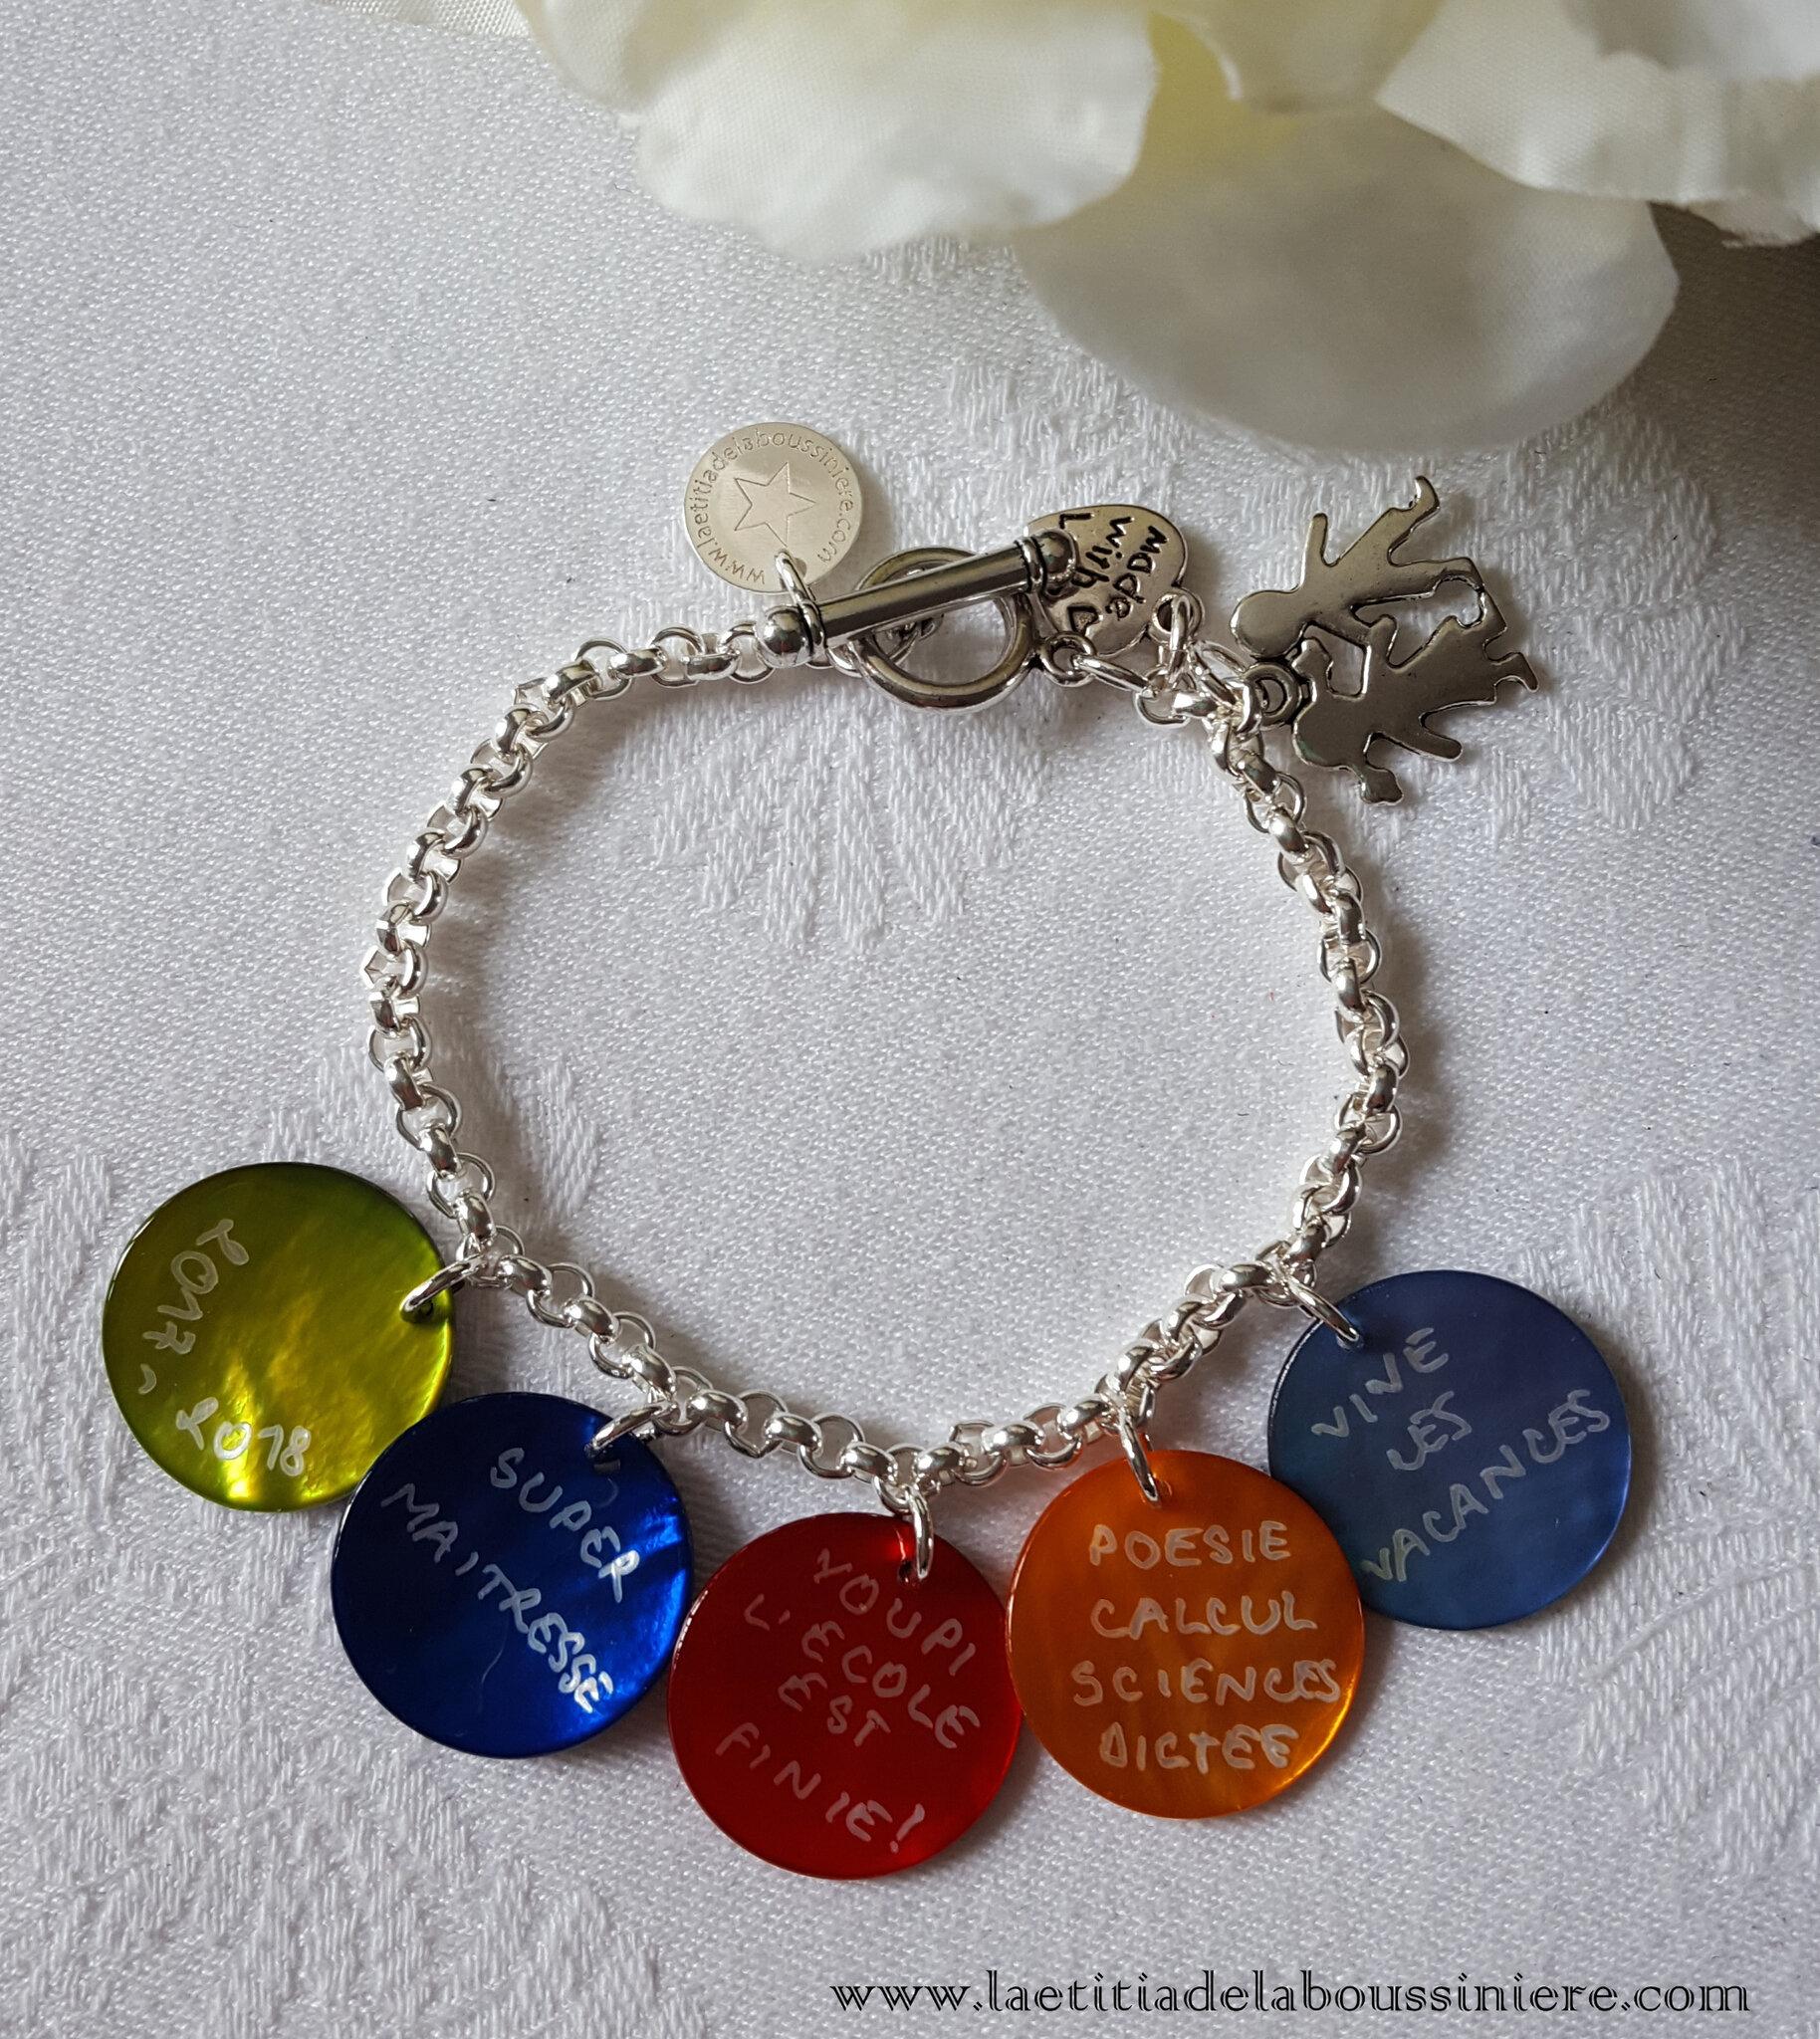 Bracelet personnalisé pour les maitresses, les Atsem - 37 € sur chaîne métal 5 médailles en nacre ; 41 € 6 médailles en nacre ; 45 € 7 médailles en nacre